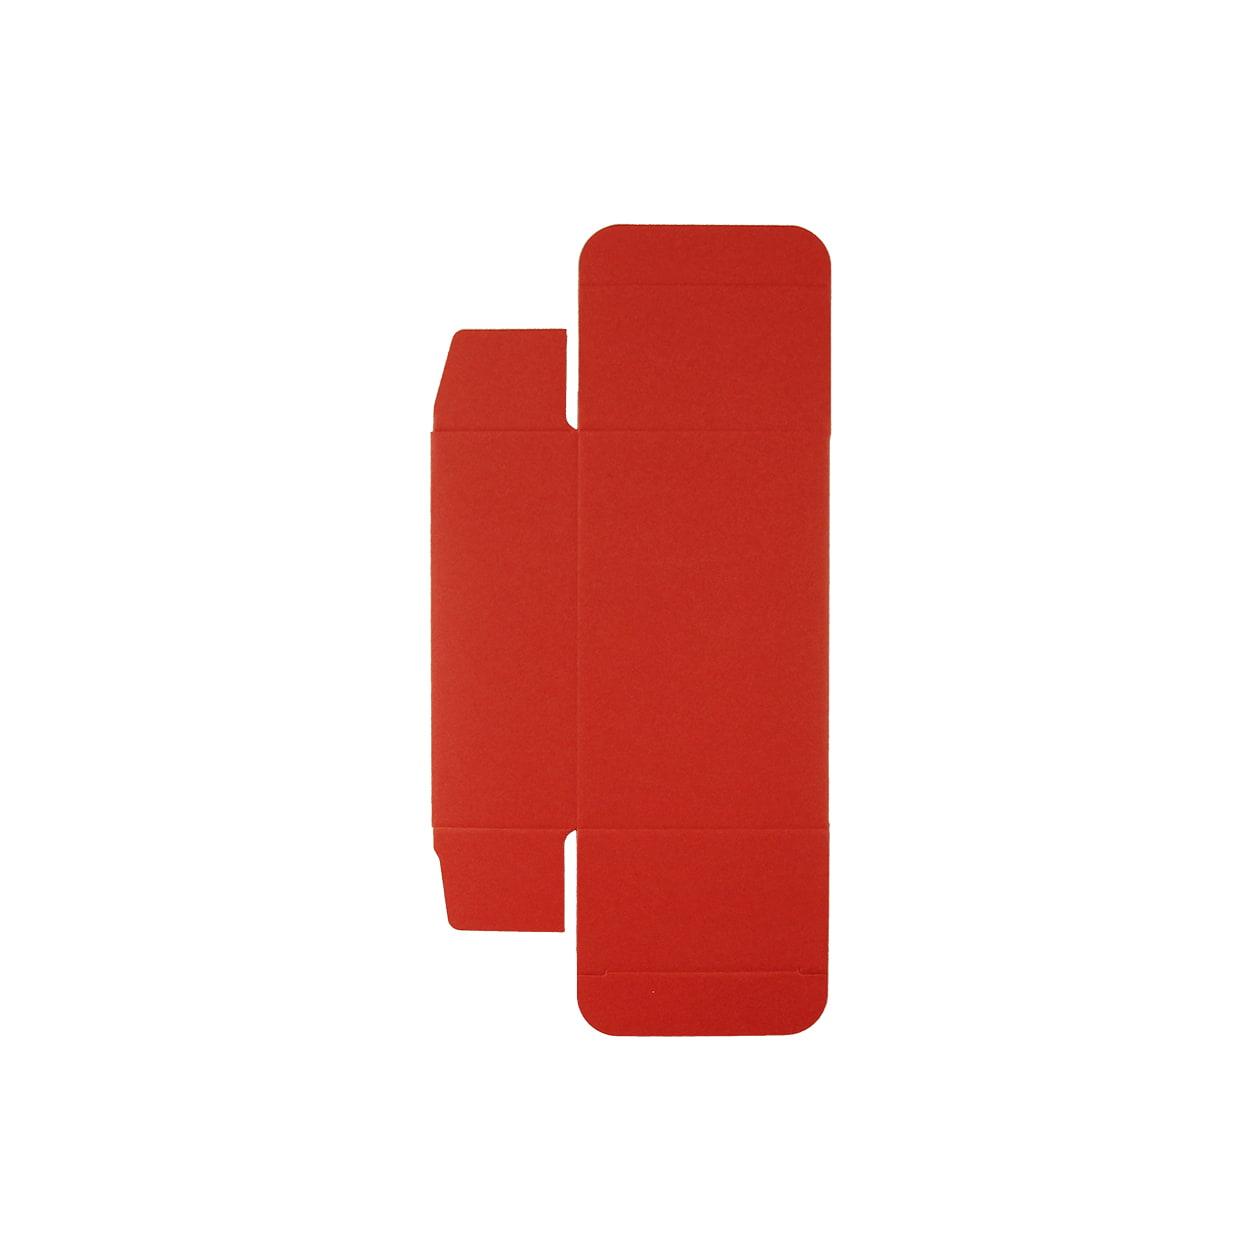 キャラメル箱60×35×95 ボード紙 レッド 250g